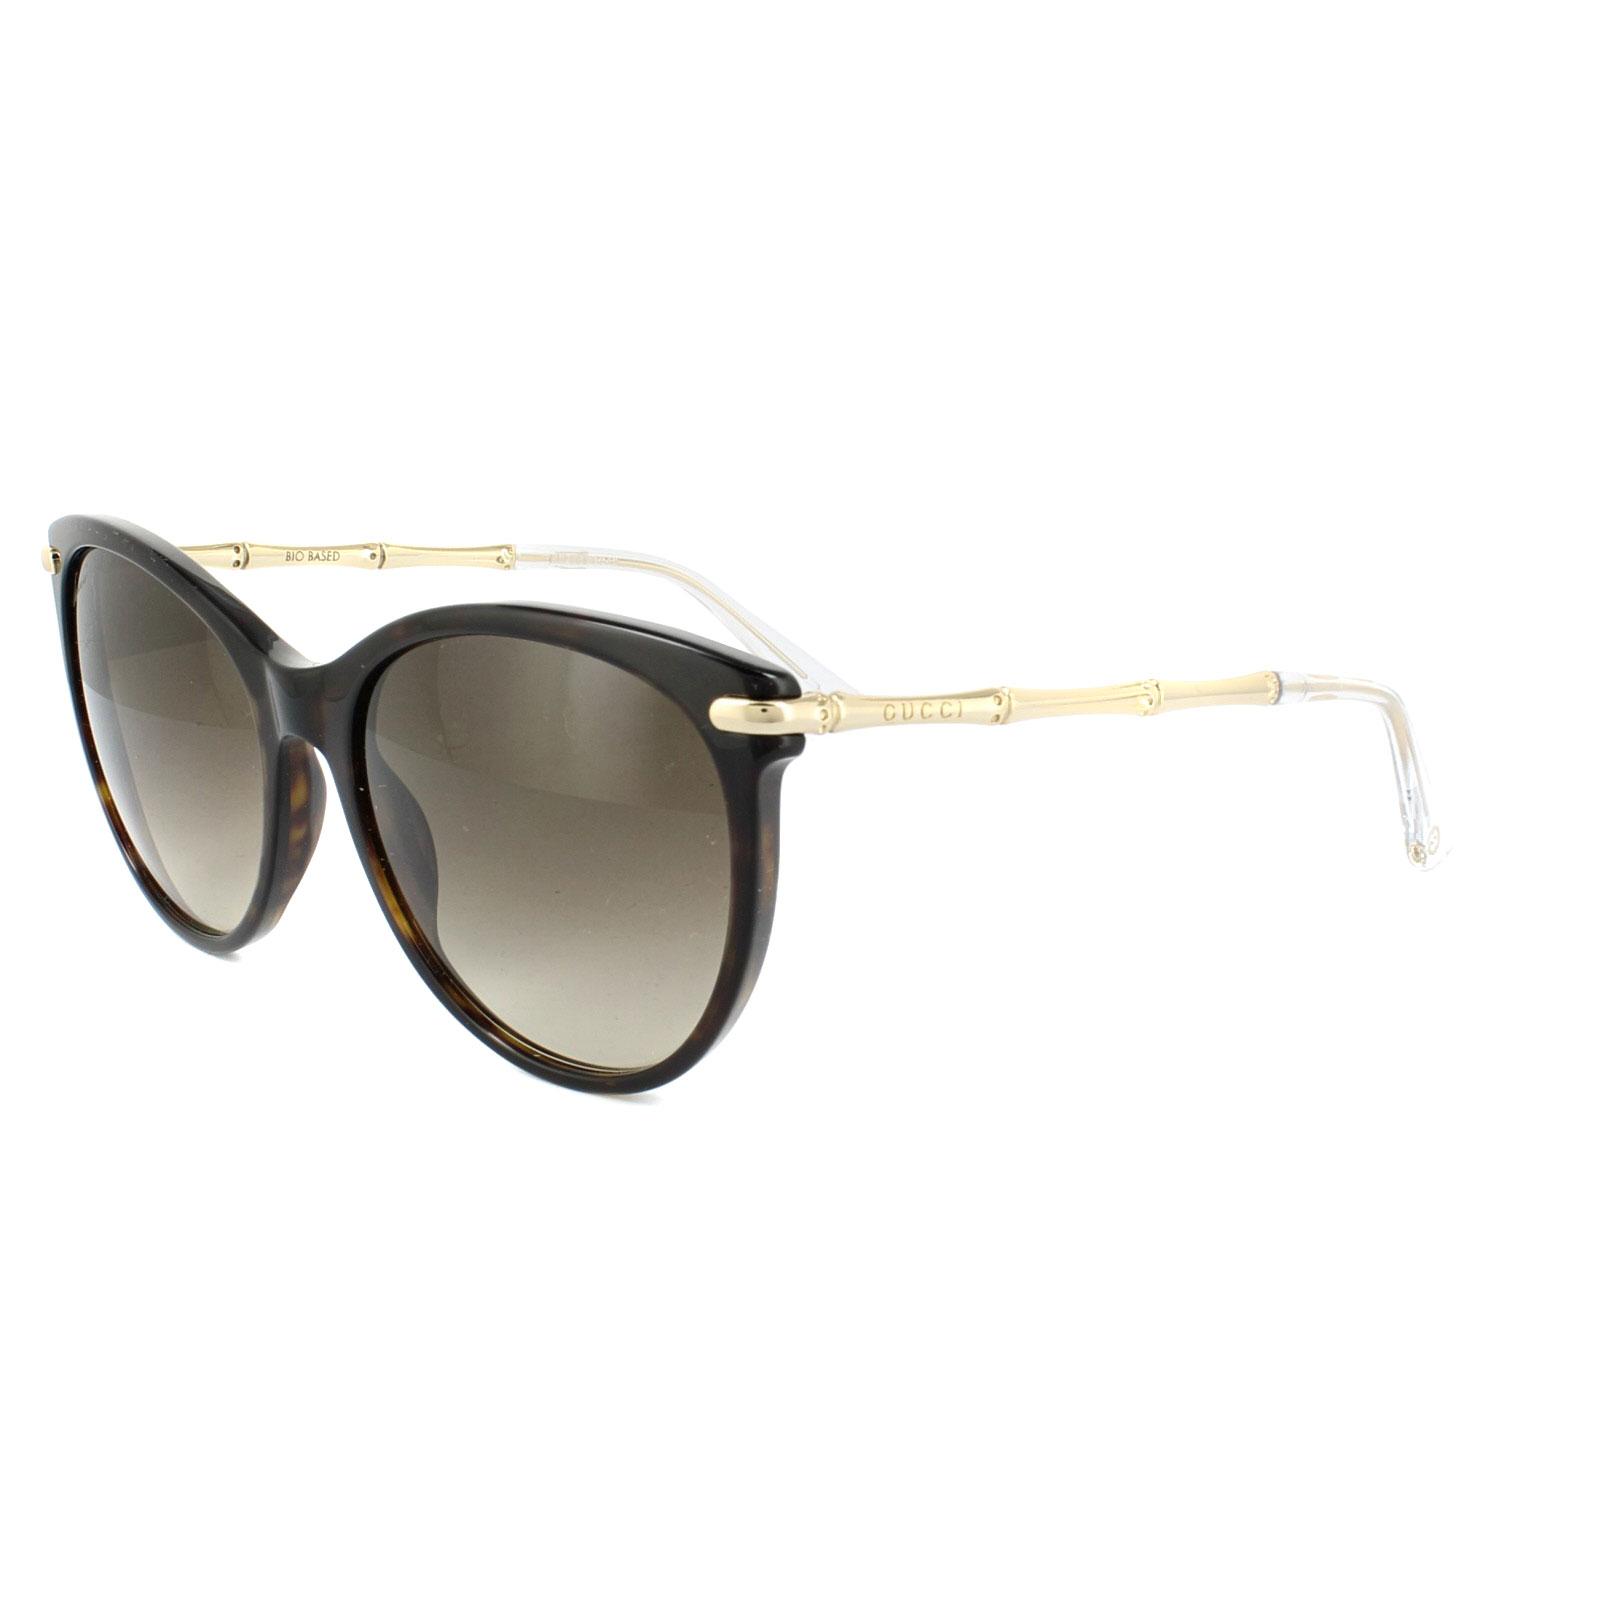 Gucci Gafas de sol 3771 lvl cc Marrón Havana & Oro Marrón Degradado ...